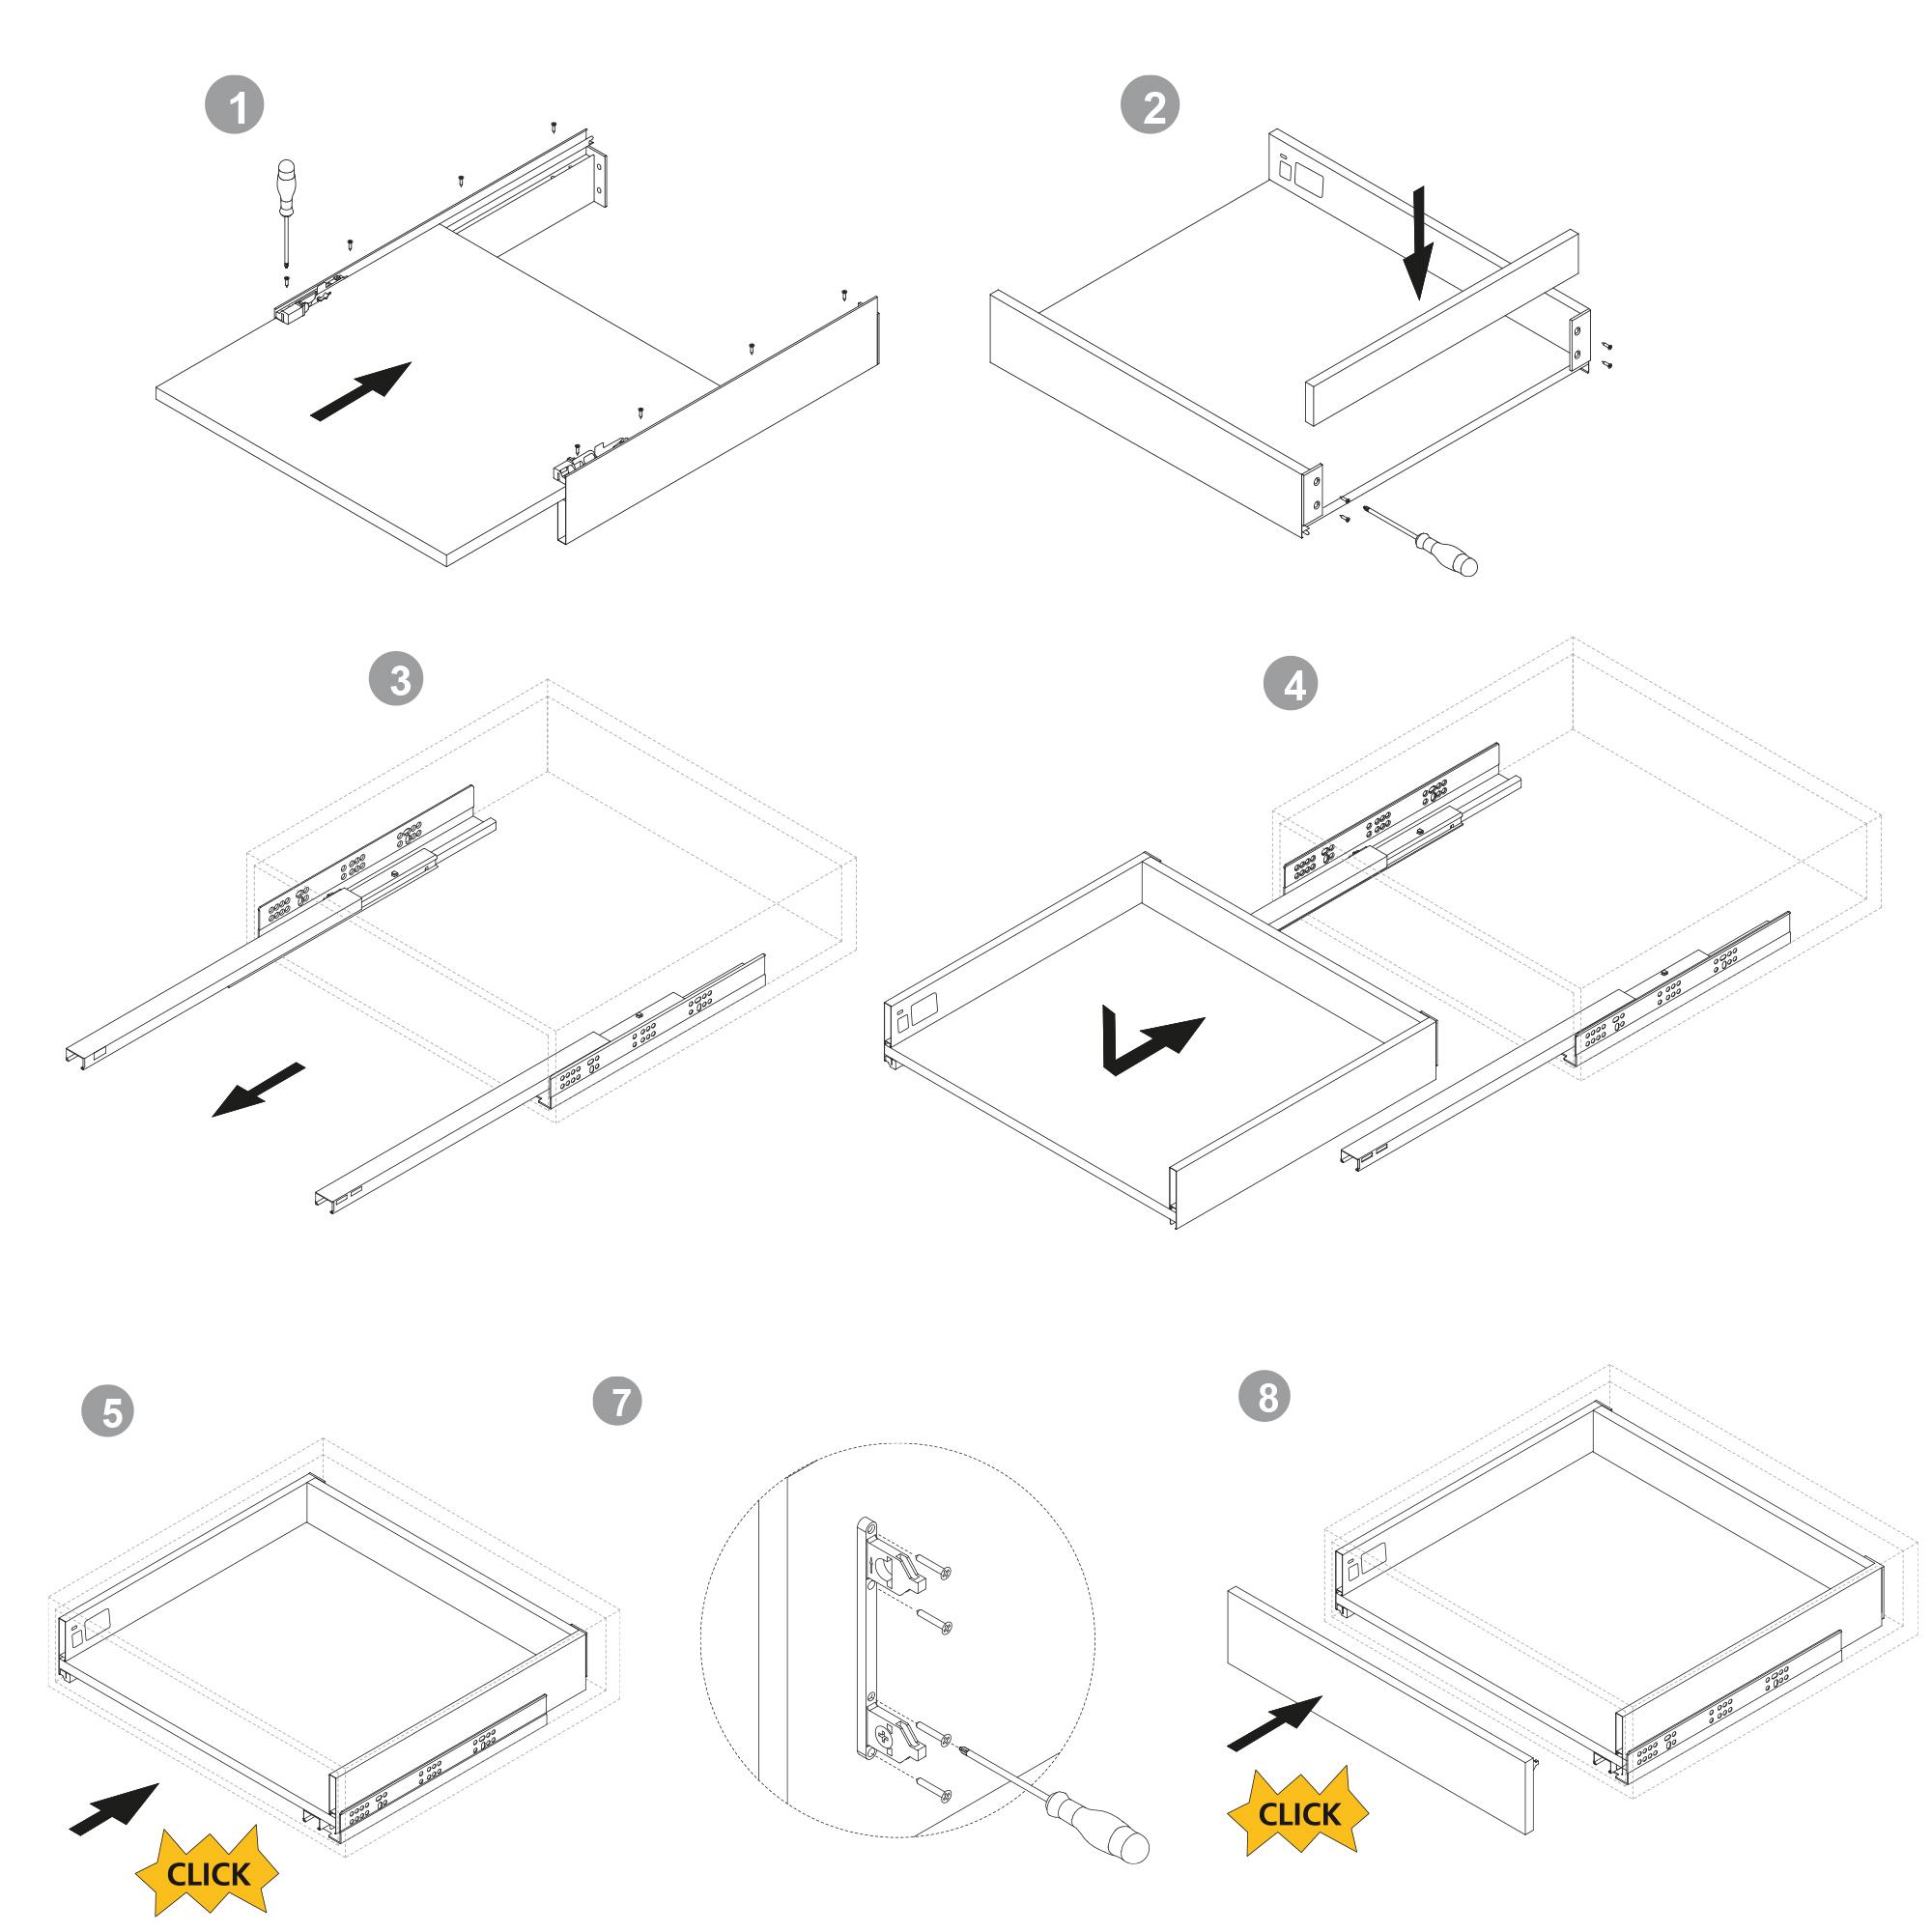 Emuca Kit cassetto per cucina o bagno con pannelli inclusi, chiusura soft, profondità 500 mm, altezza 178 mm, modulo 600 mm, Acc